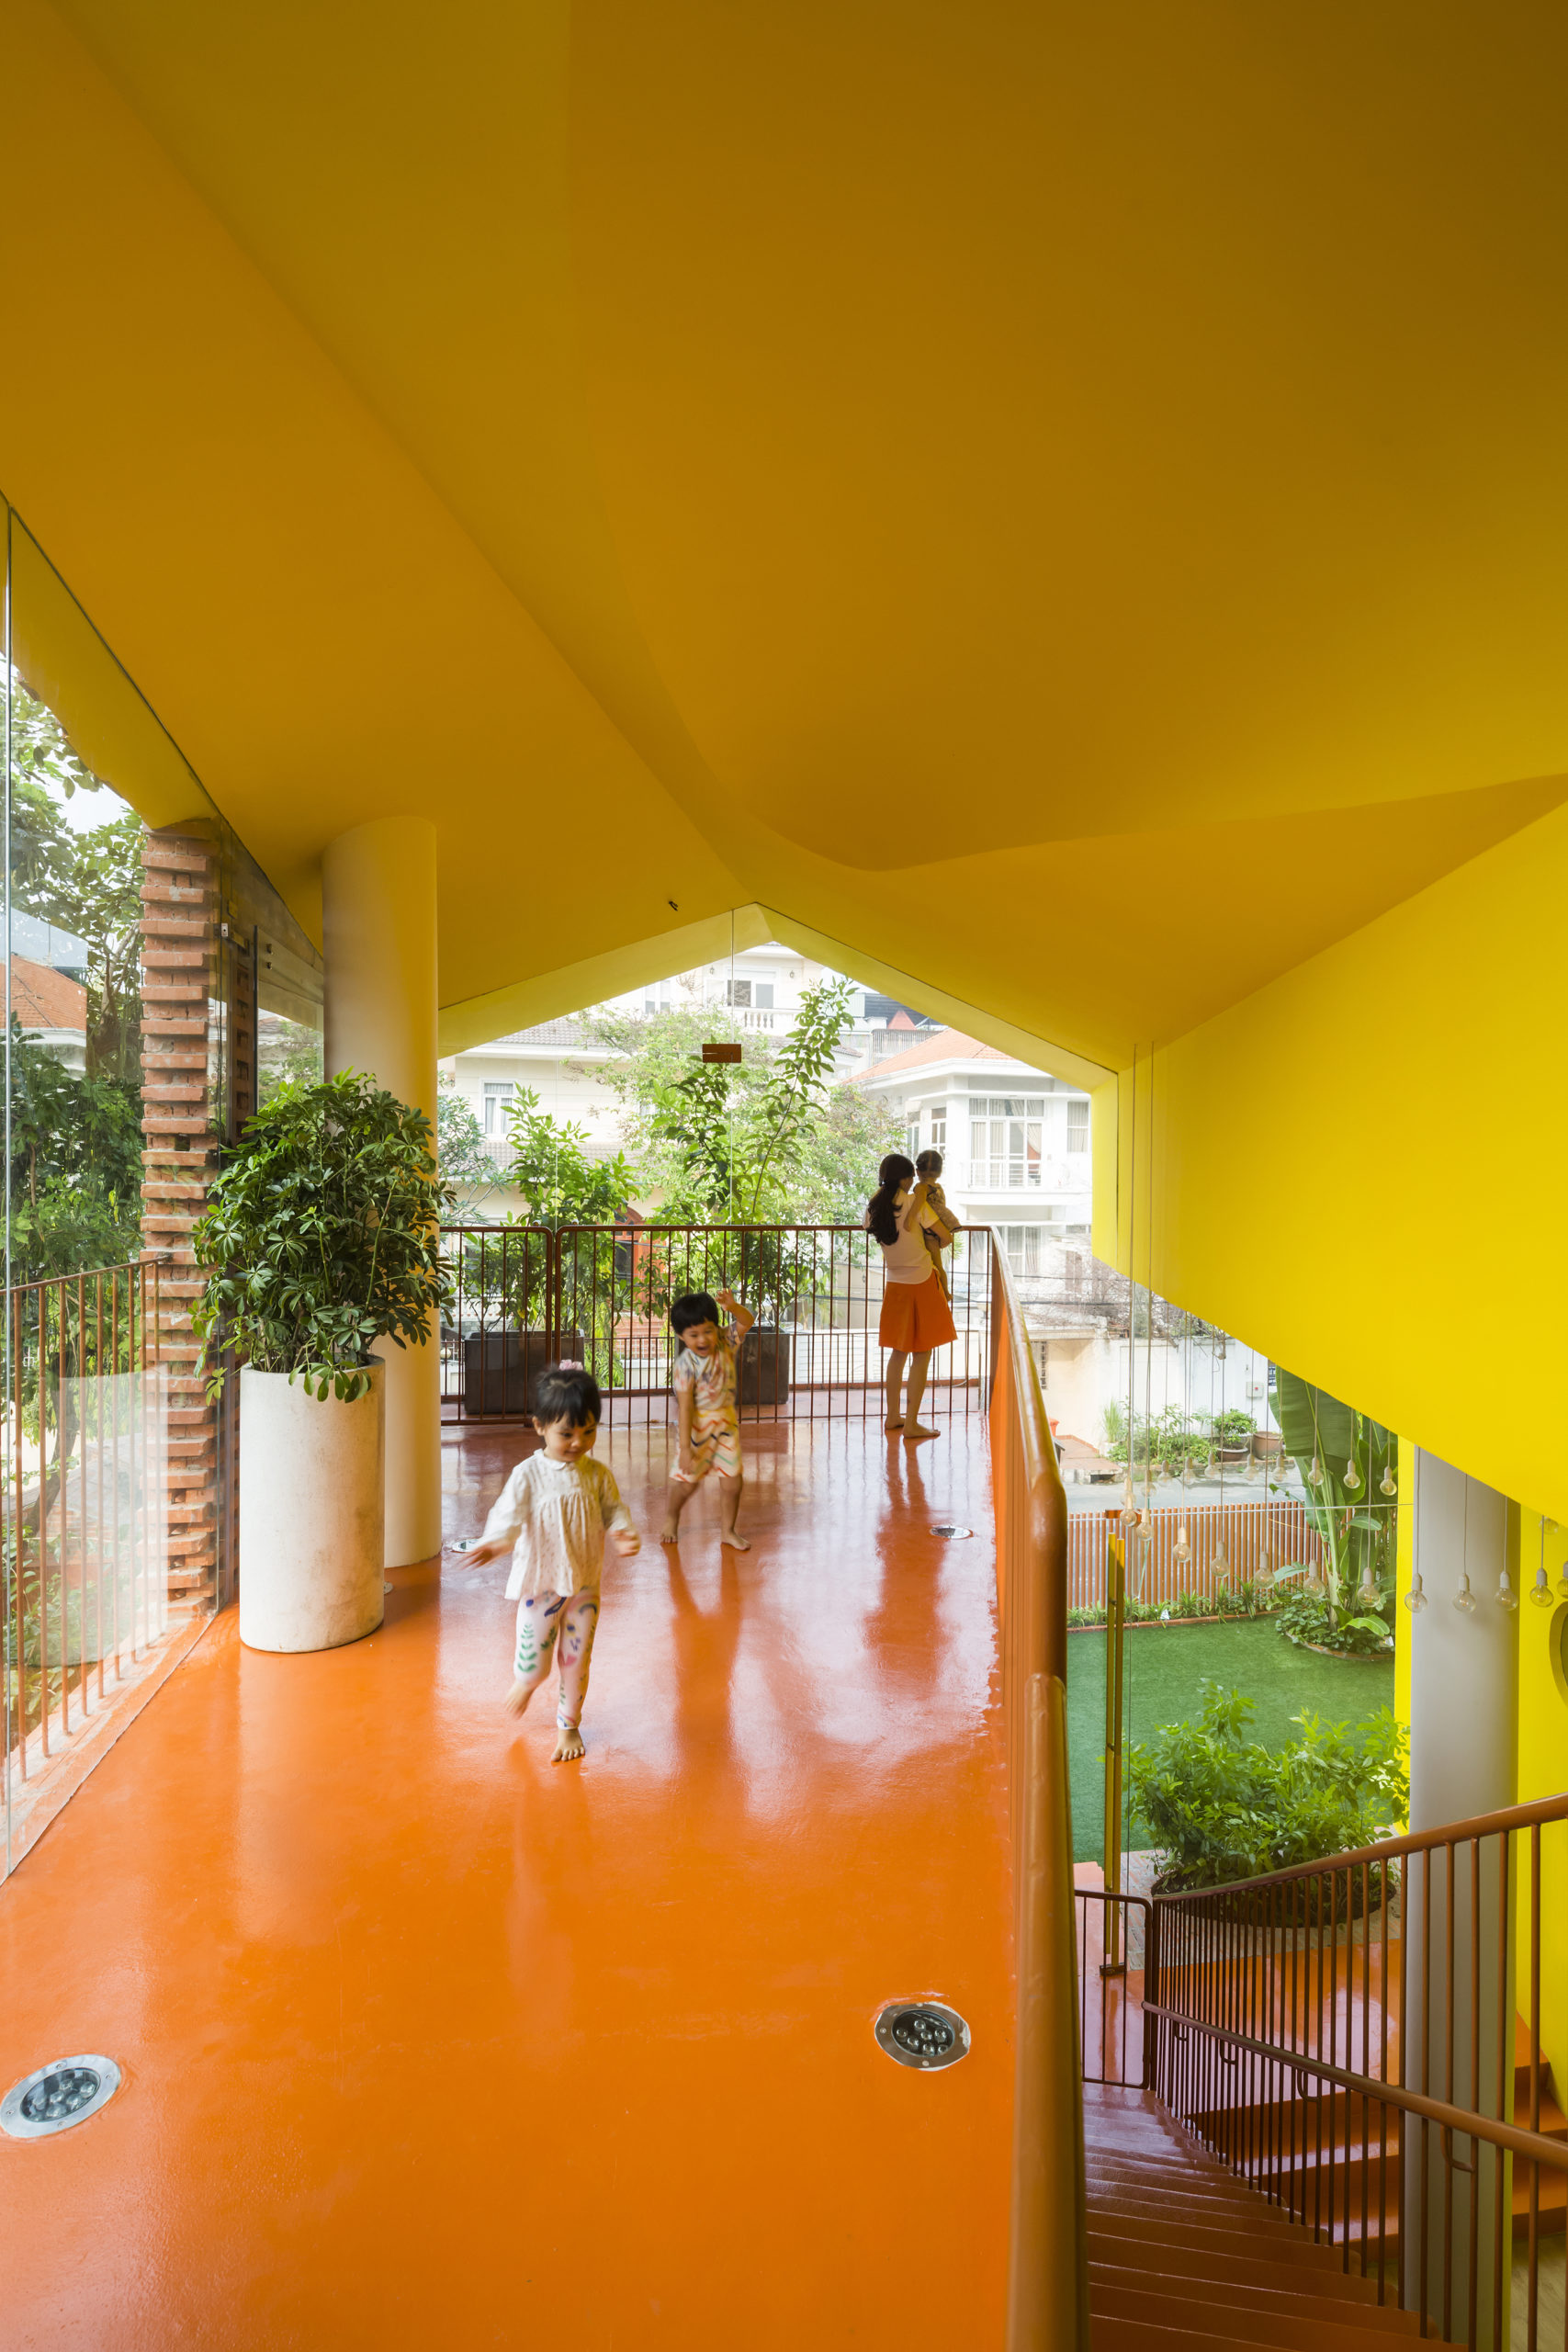 Urban Playground : 8 crèches et jardins d'enfants savamment implantés dans des espaces urbains